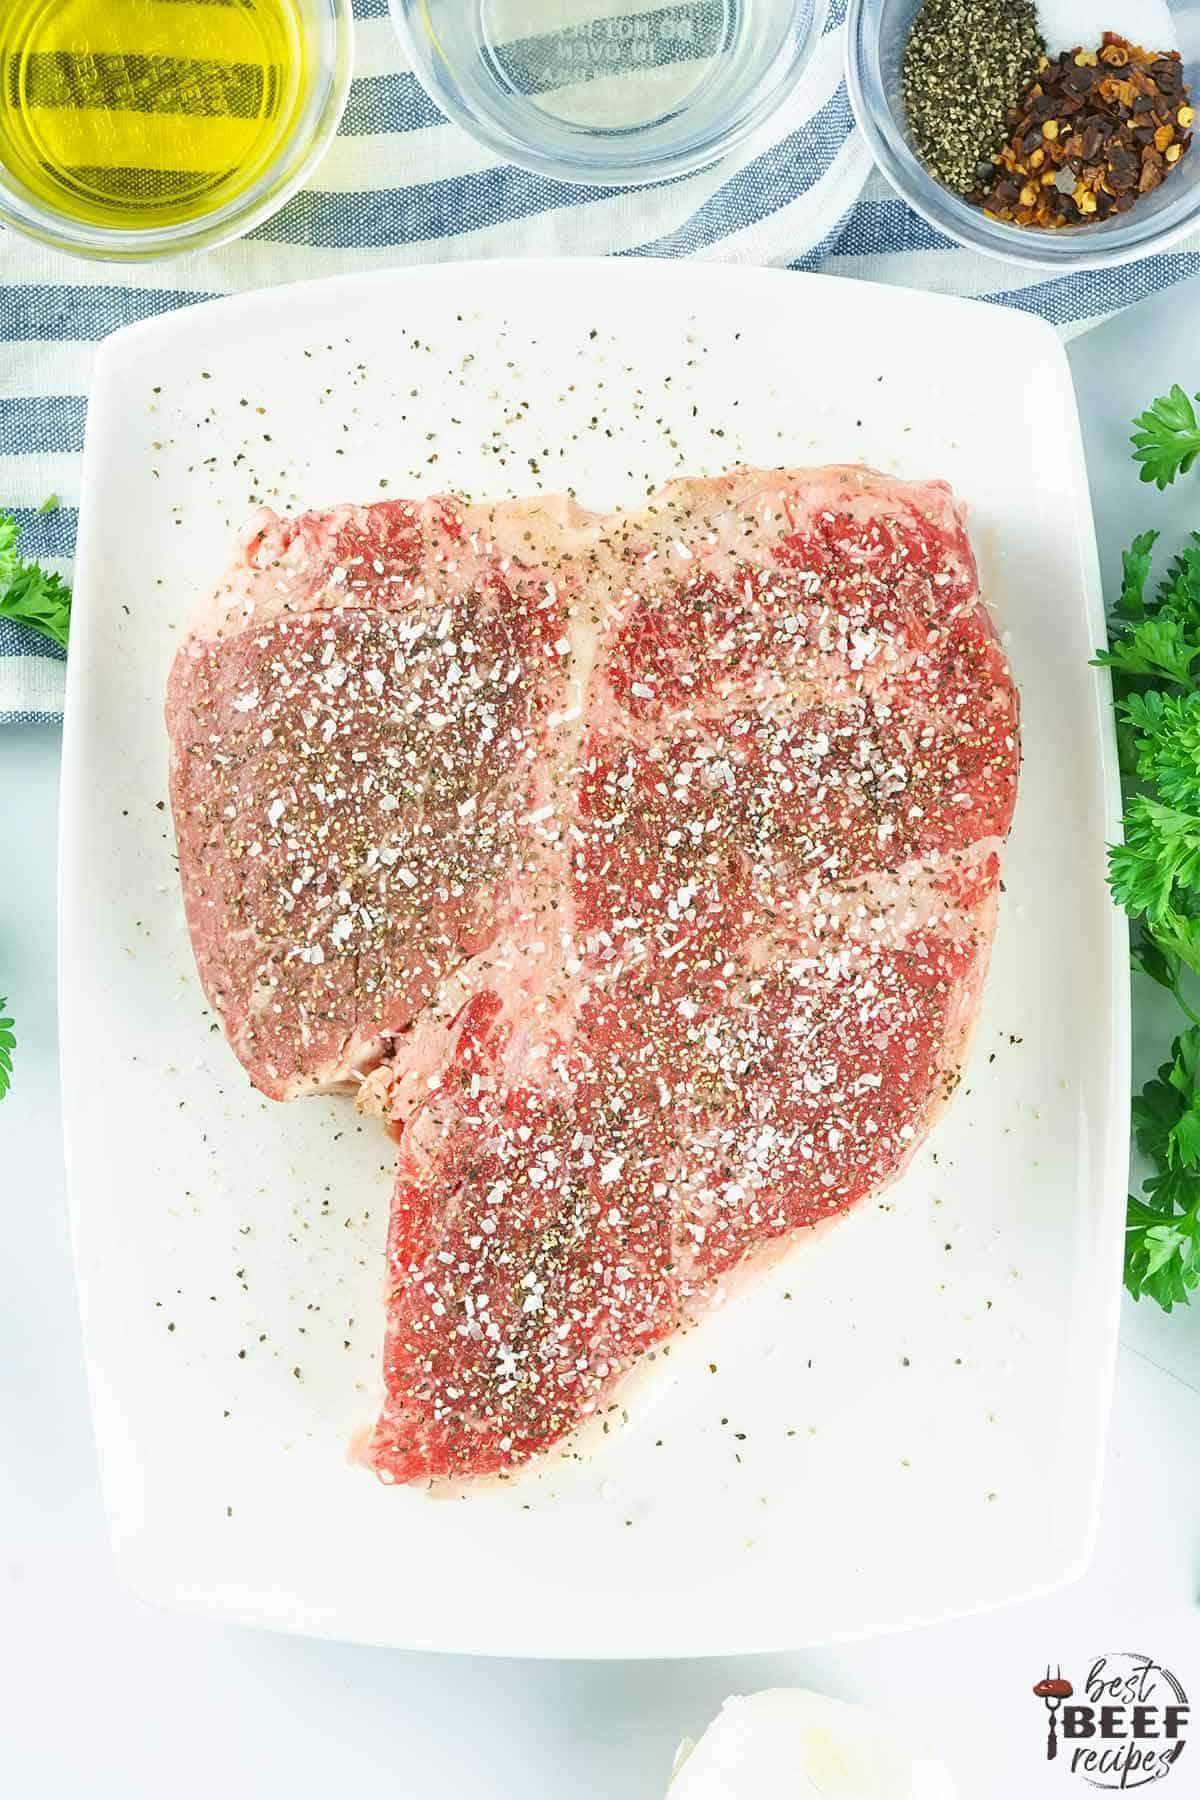 seasoned porterhouse steak on a cutting board